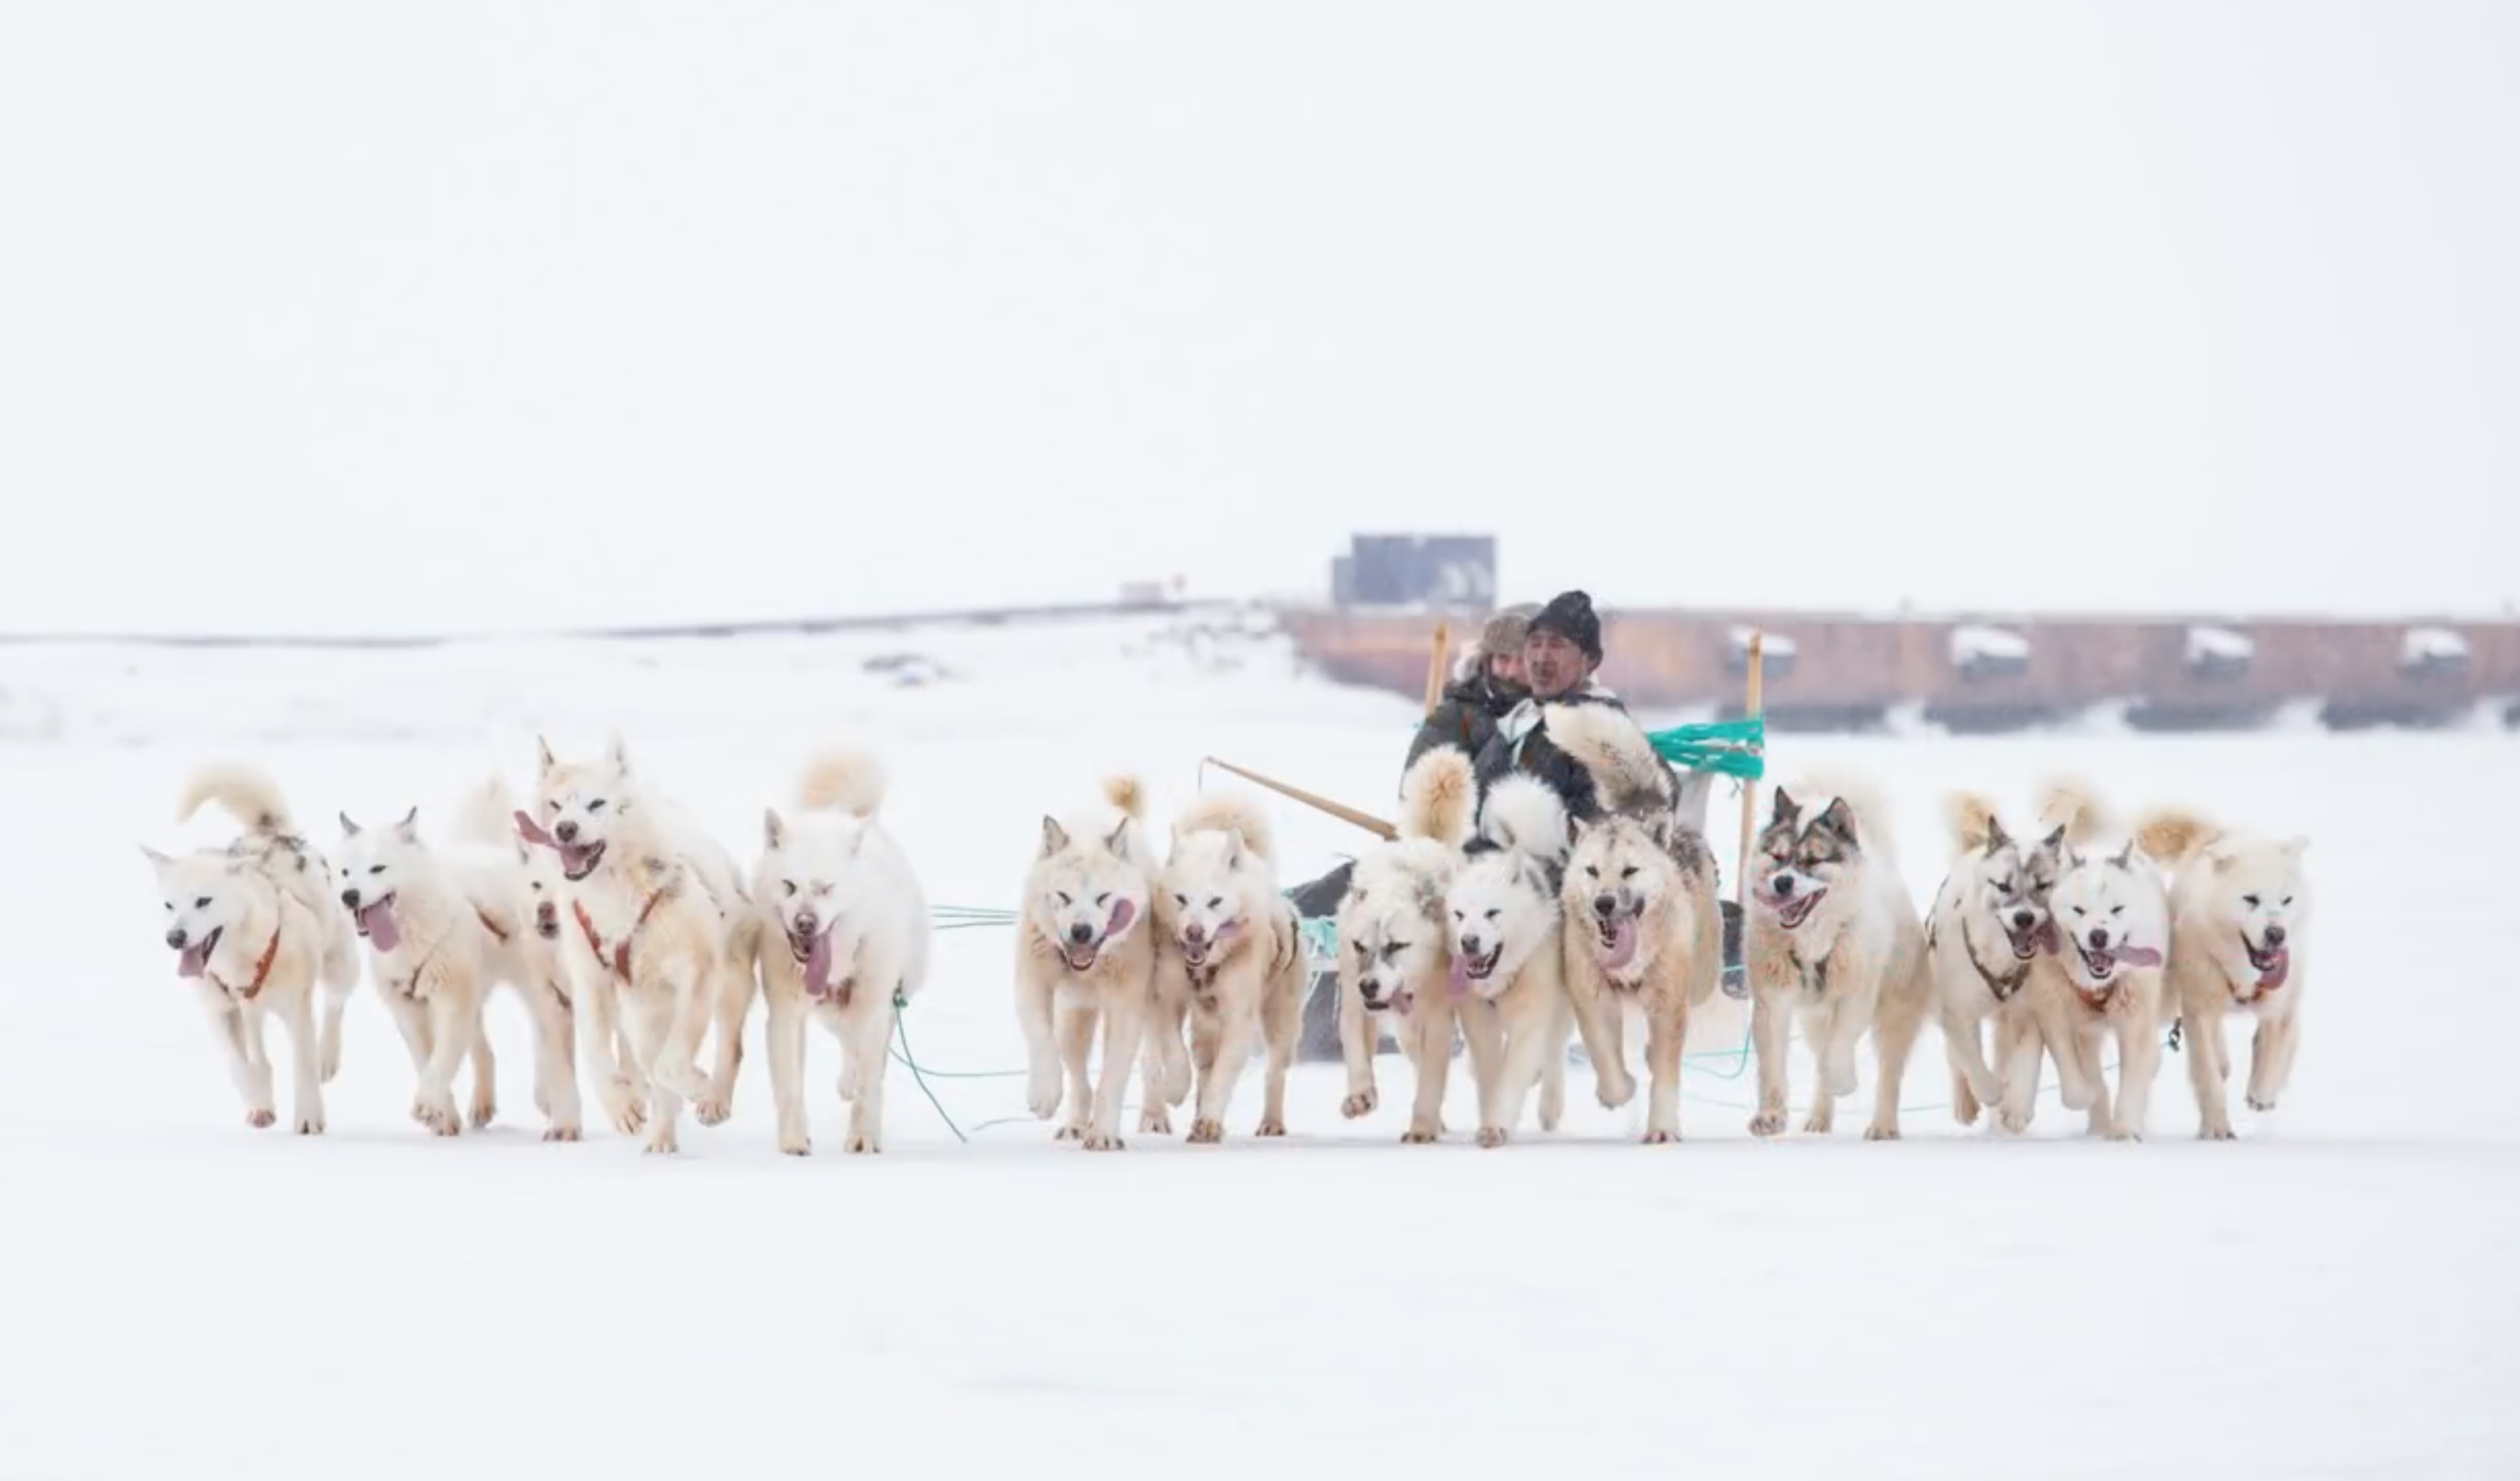 每年有三天的時間,圖勒基地會舉辦雪橇比賽,在結冰的海面上,比賽狗拉雪橇。這時因紐特人就會來到基地,順道帶一些土產來販賣。資料來源│「穹頂天眼—從格陵蘭看黑洞」紀錄片